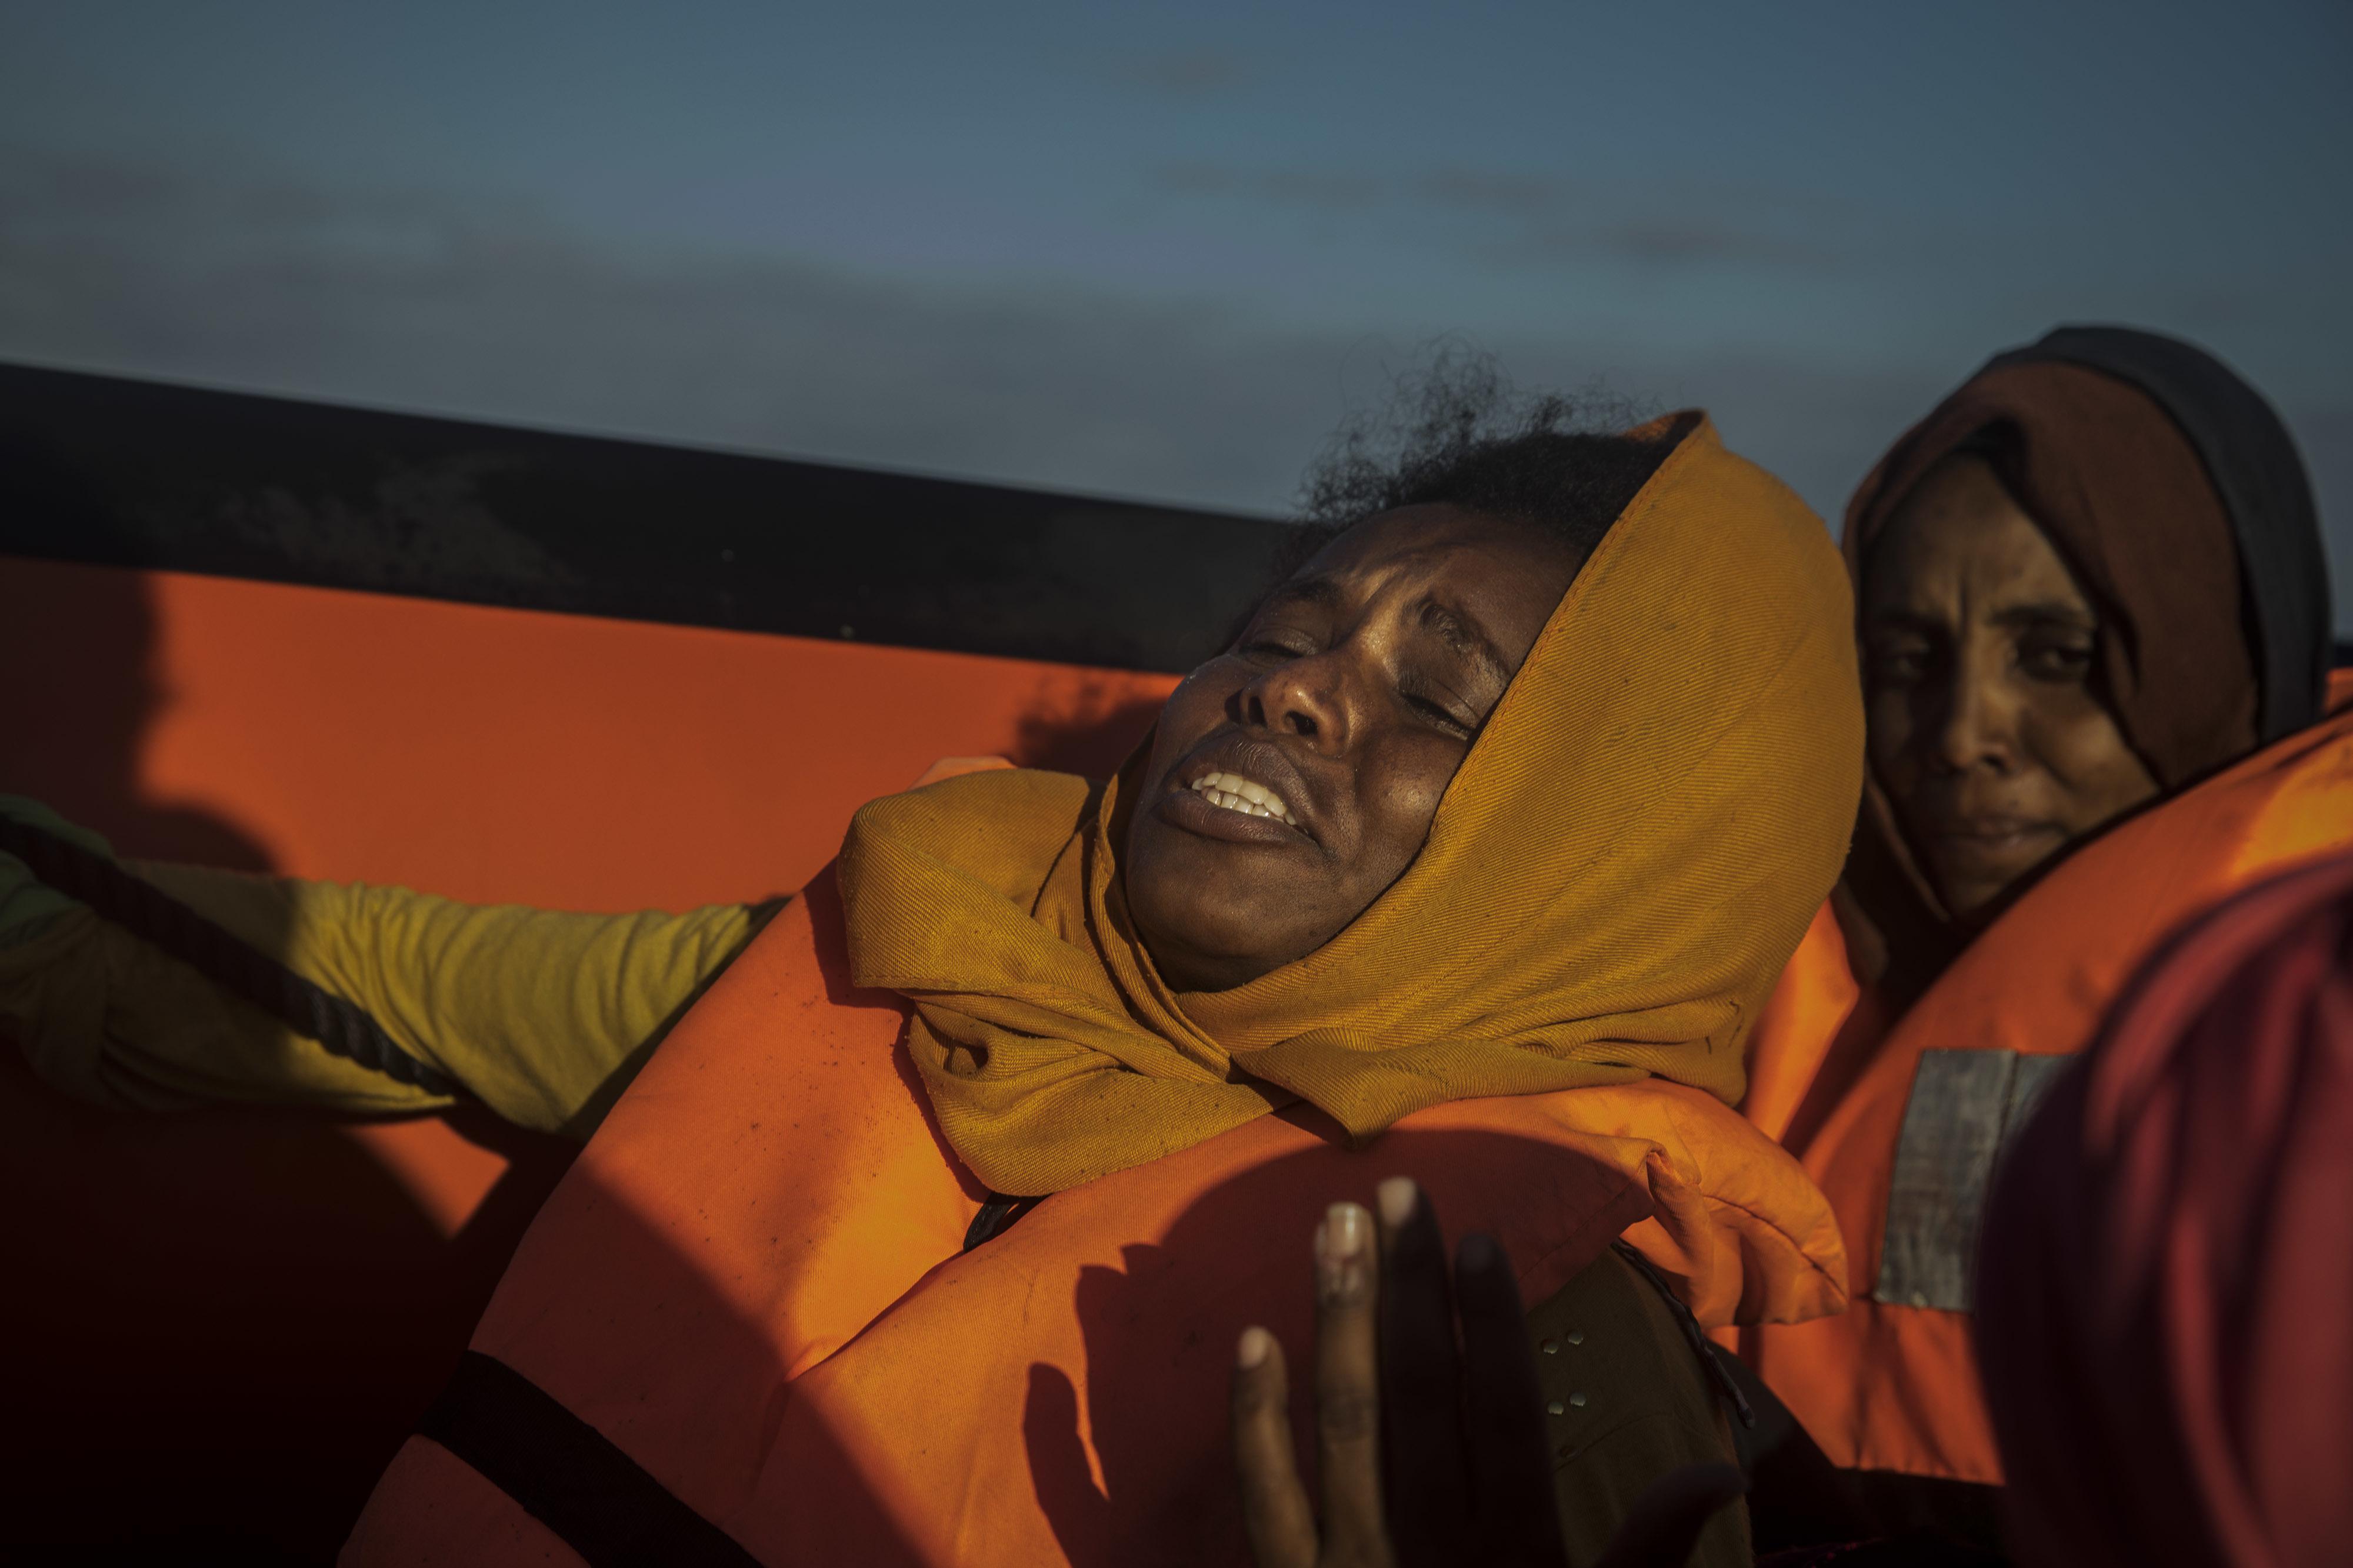 1400 migranti provenienti dalla Libia soccorsi in 48 ore